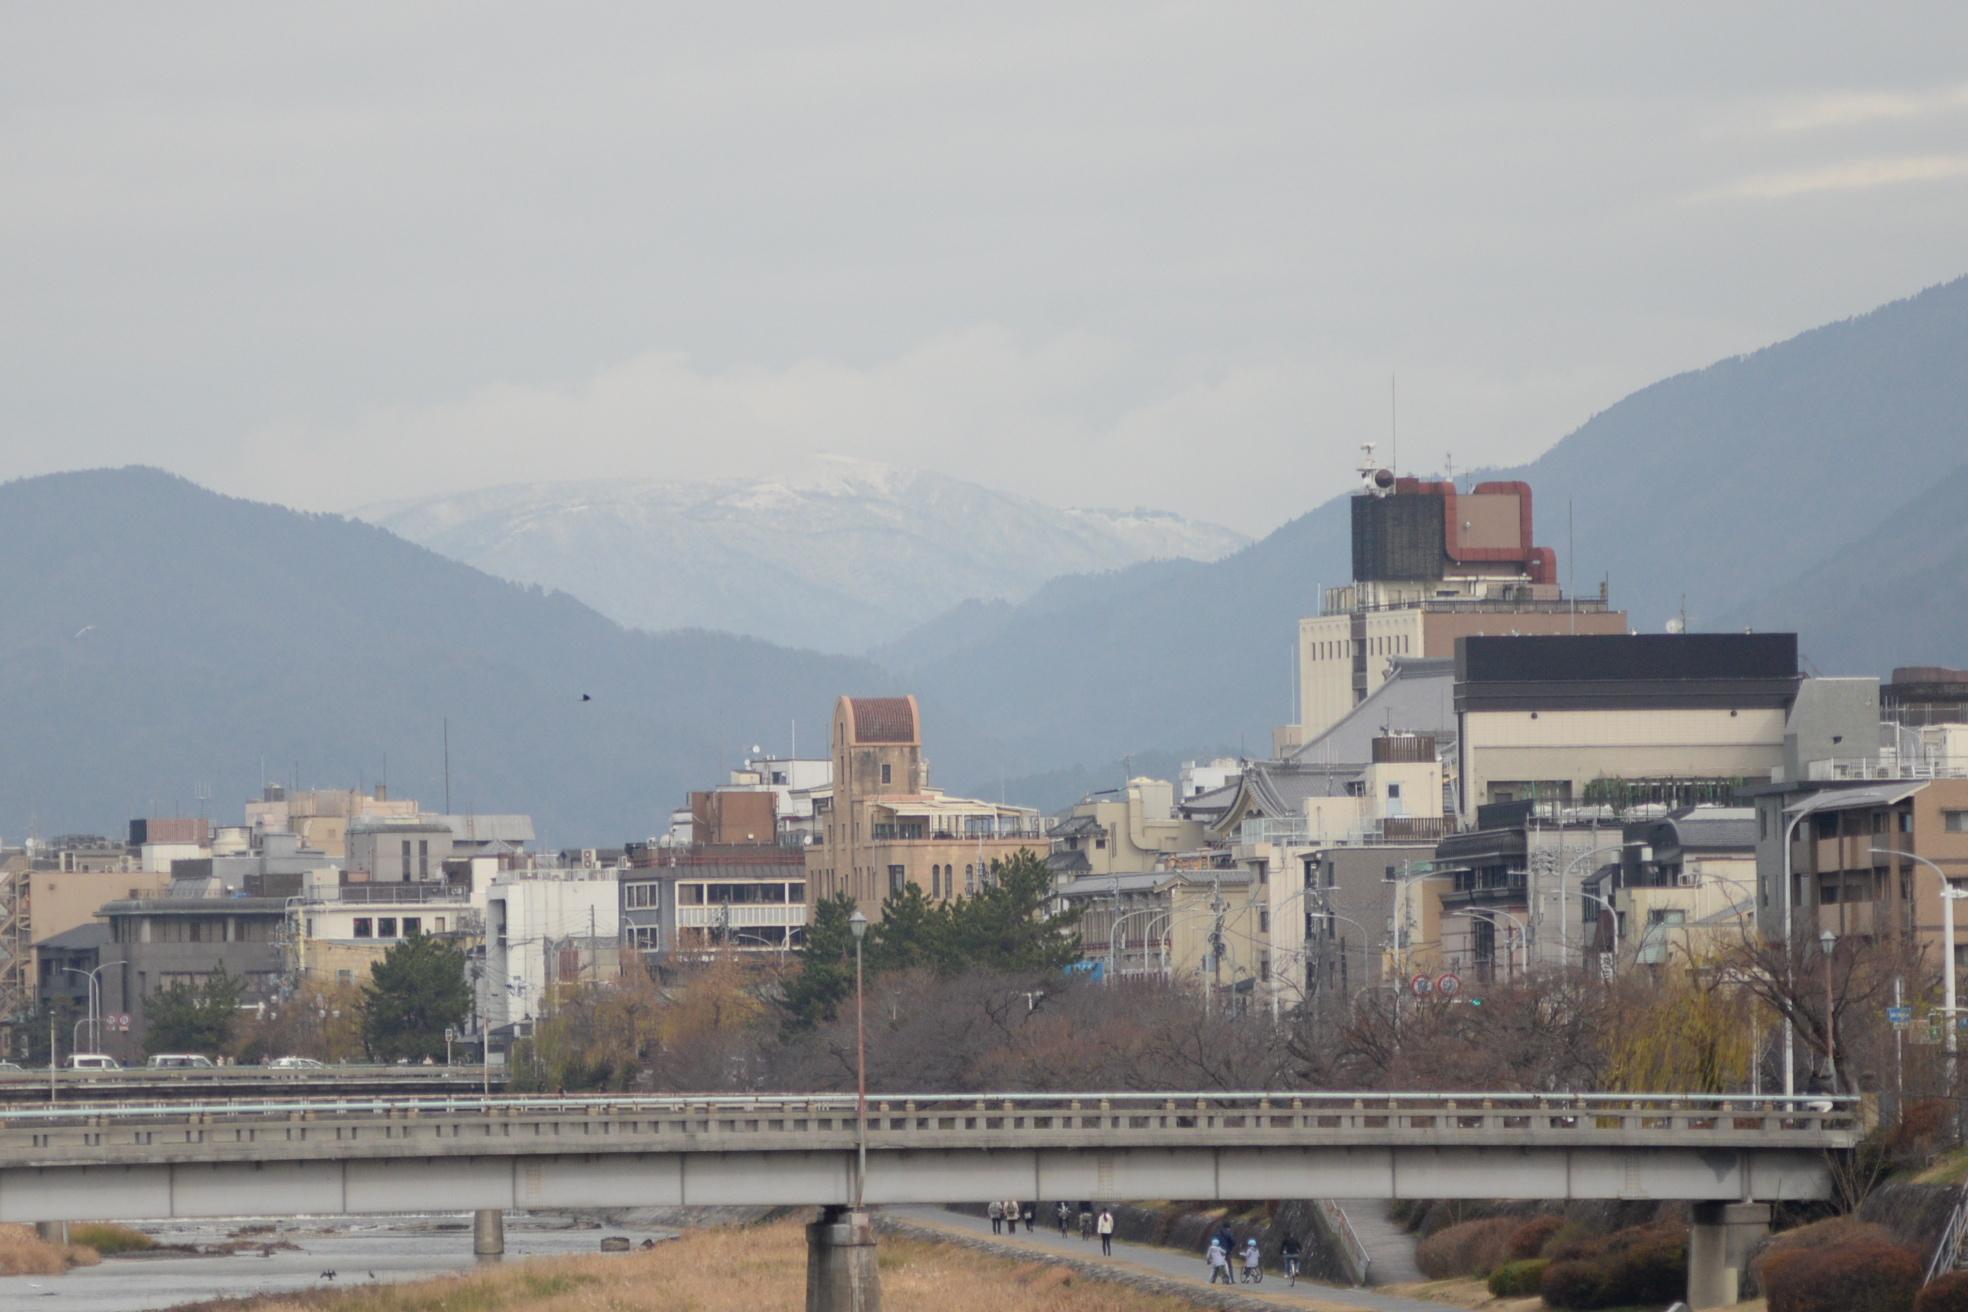 20011602.jpg